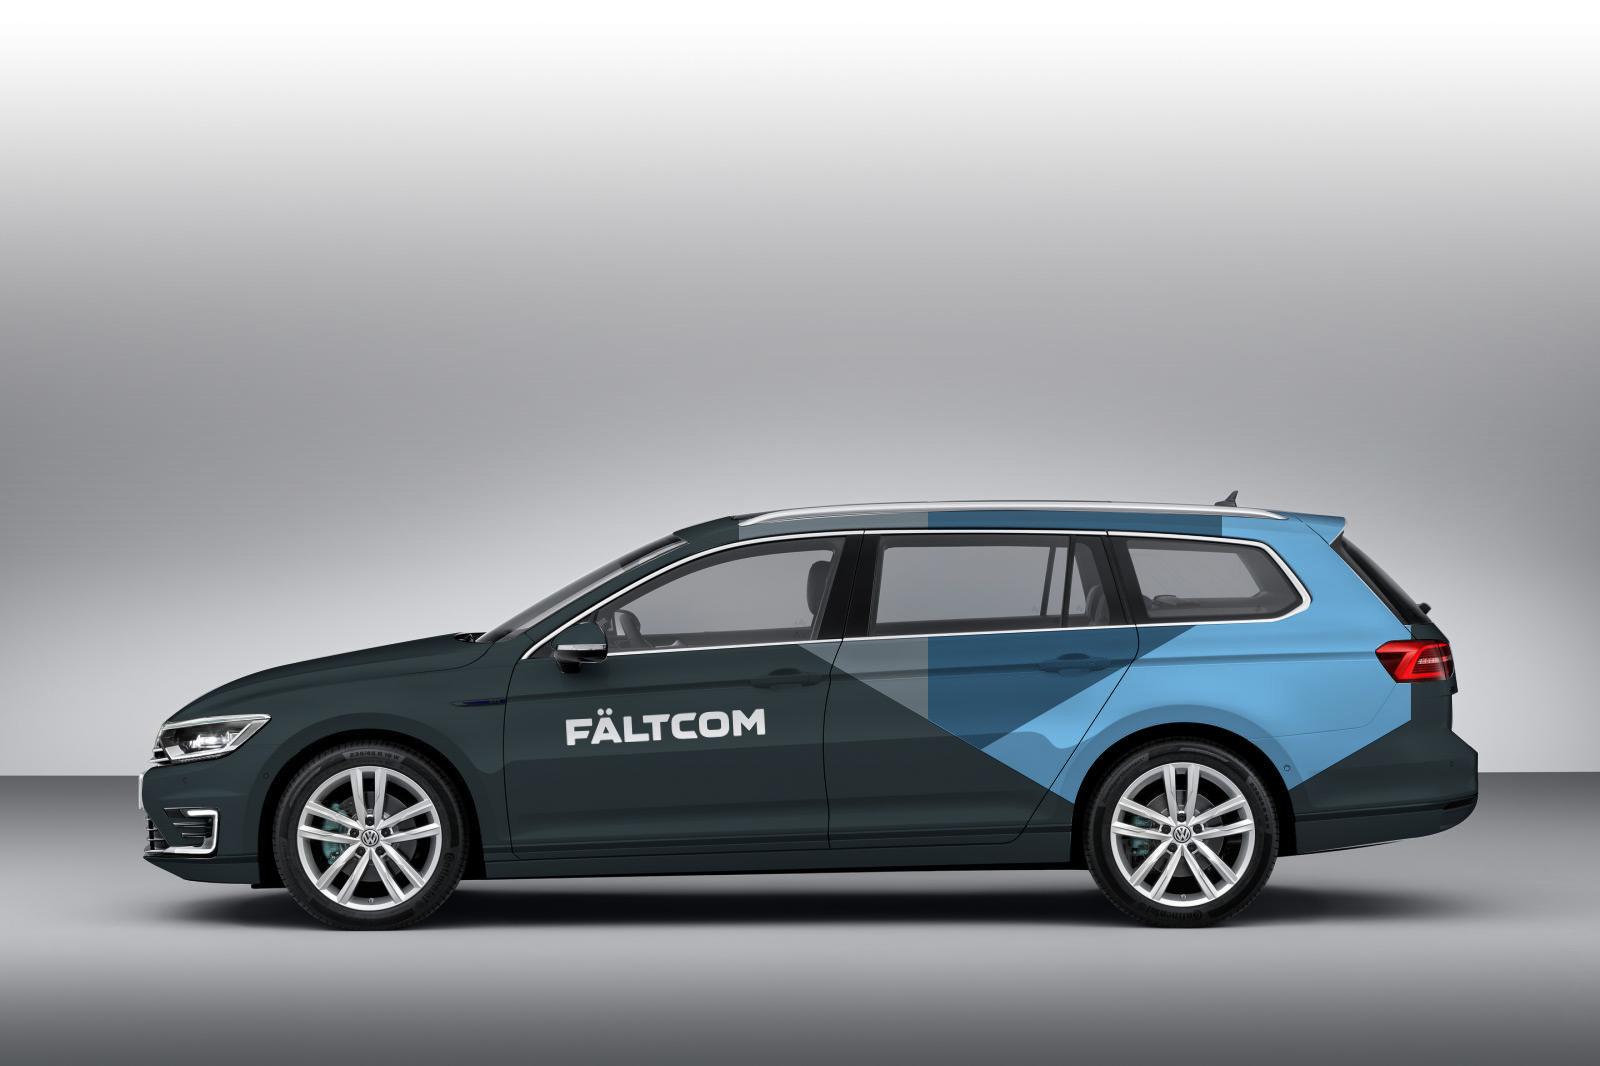 Faltcom_2015-Volkswagen-Passat-Wagon-Side-View-Wallpaper_grey_2